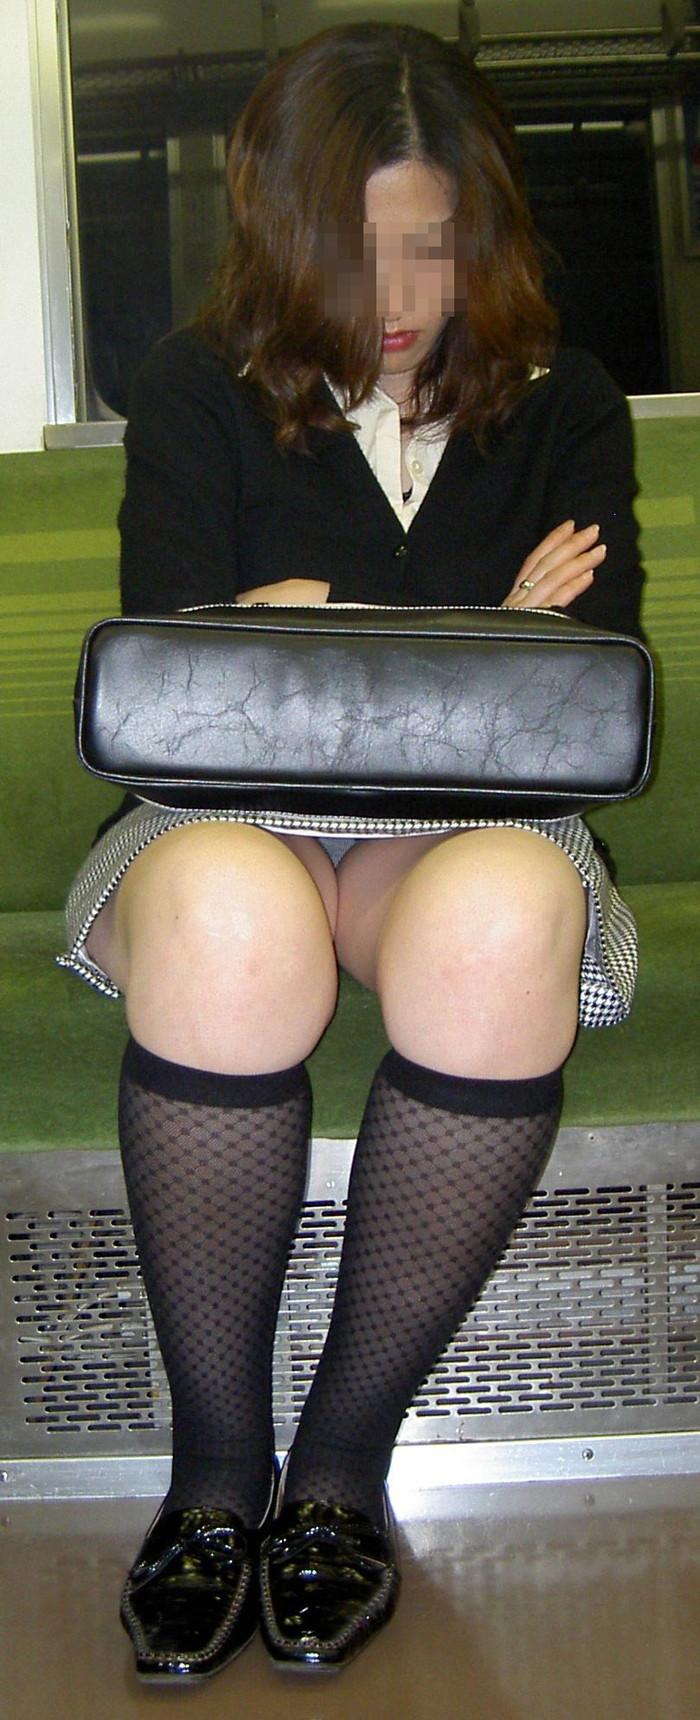 【対面パンチラエロ画像】対面に座った女の子のスカートの中身、見たいだろ!? 10